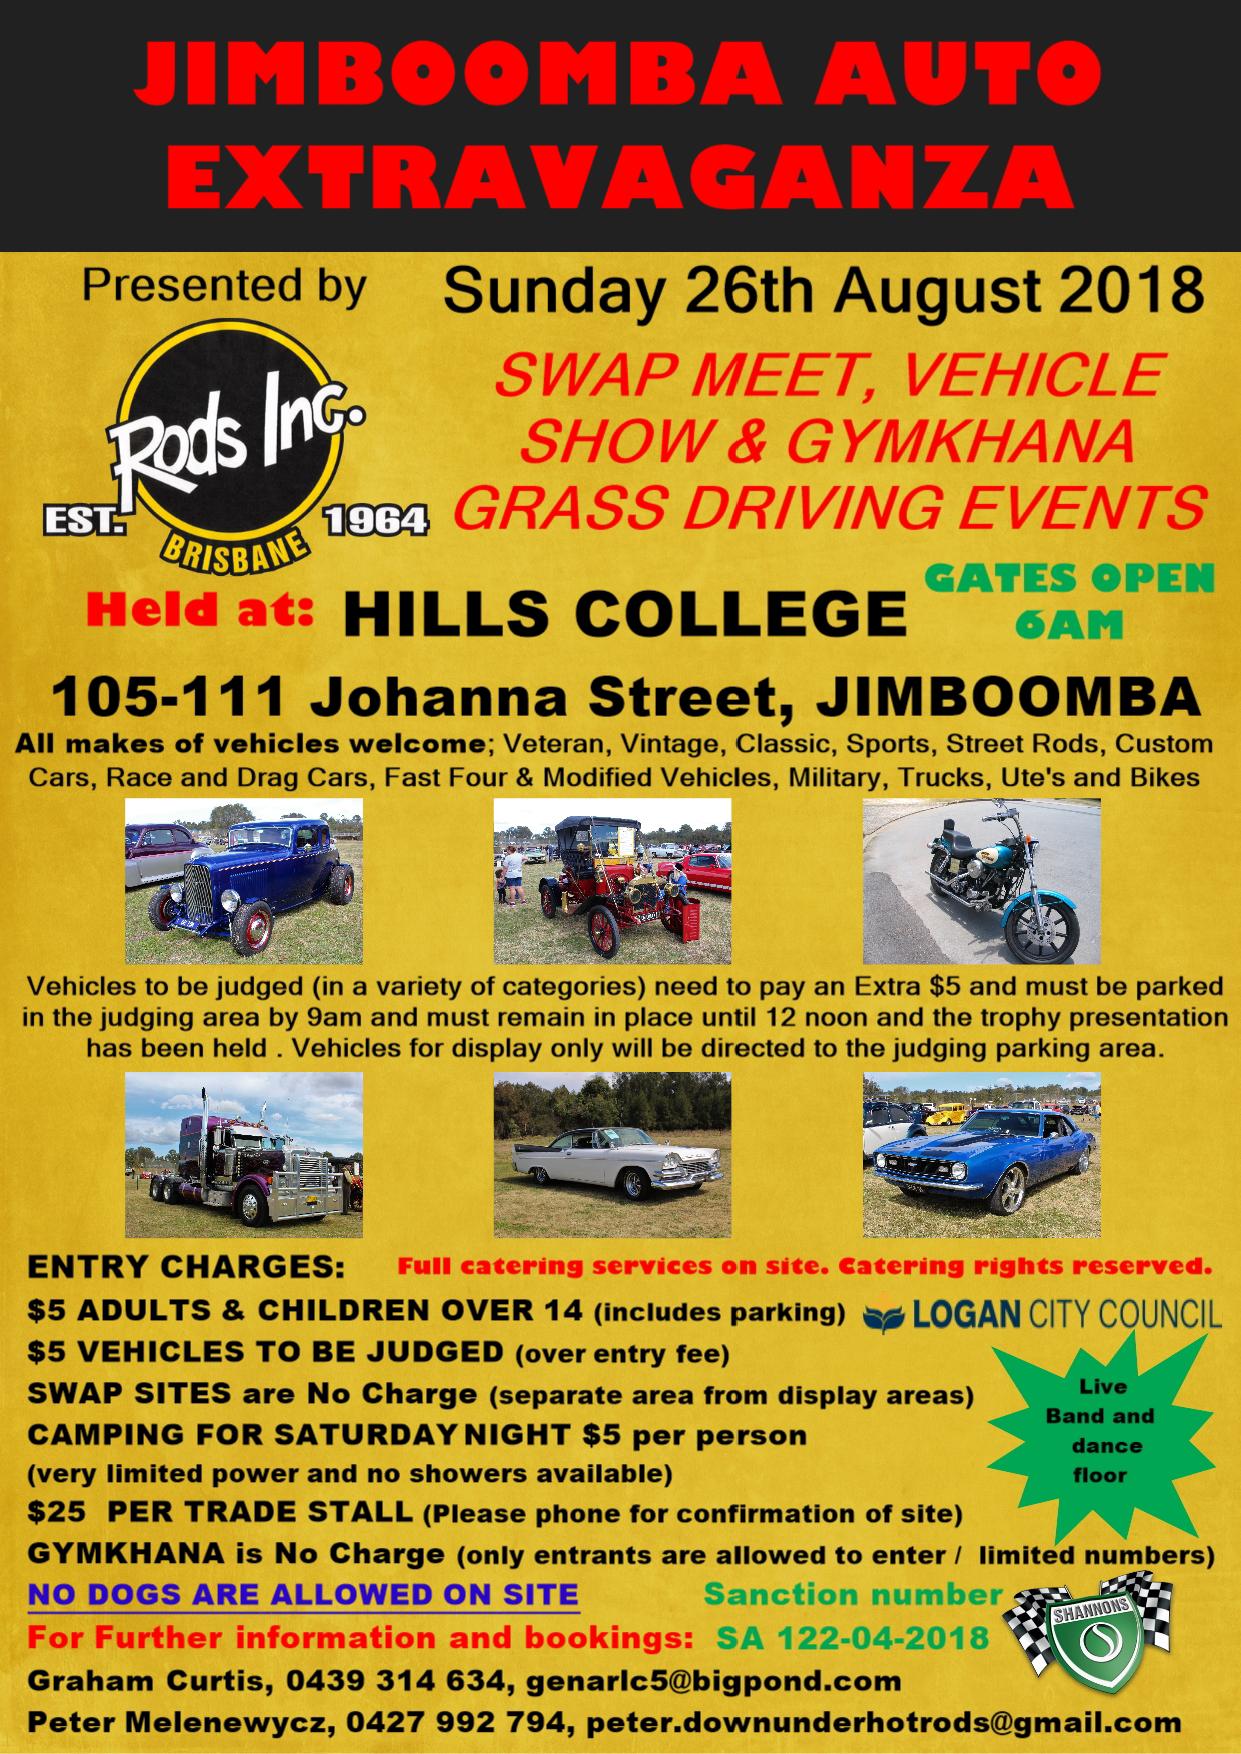 2018 Jimboomba Auto Extravaganza